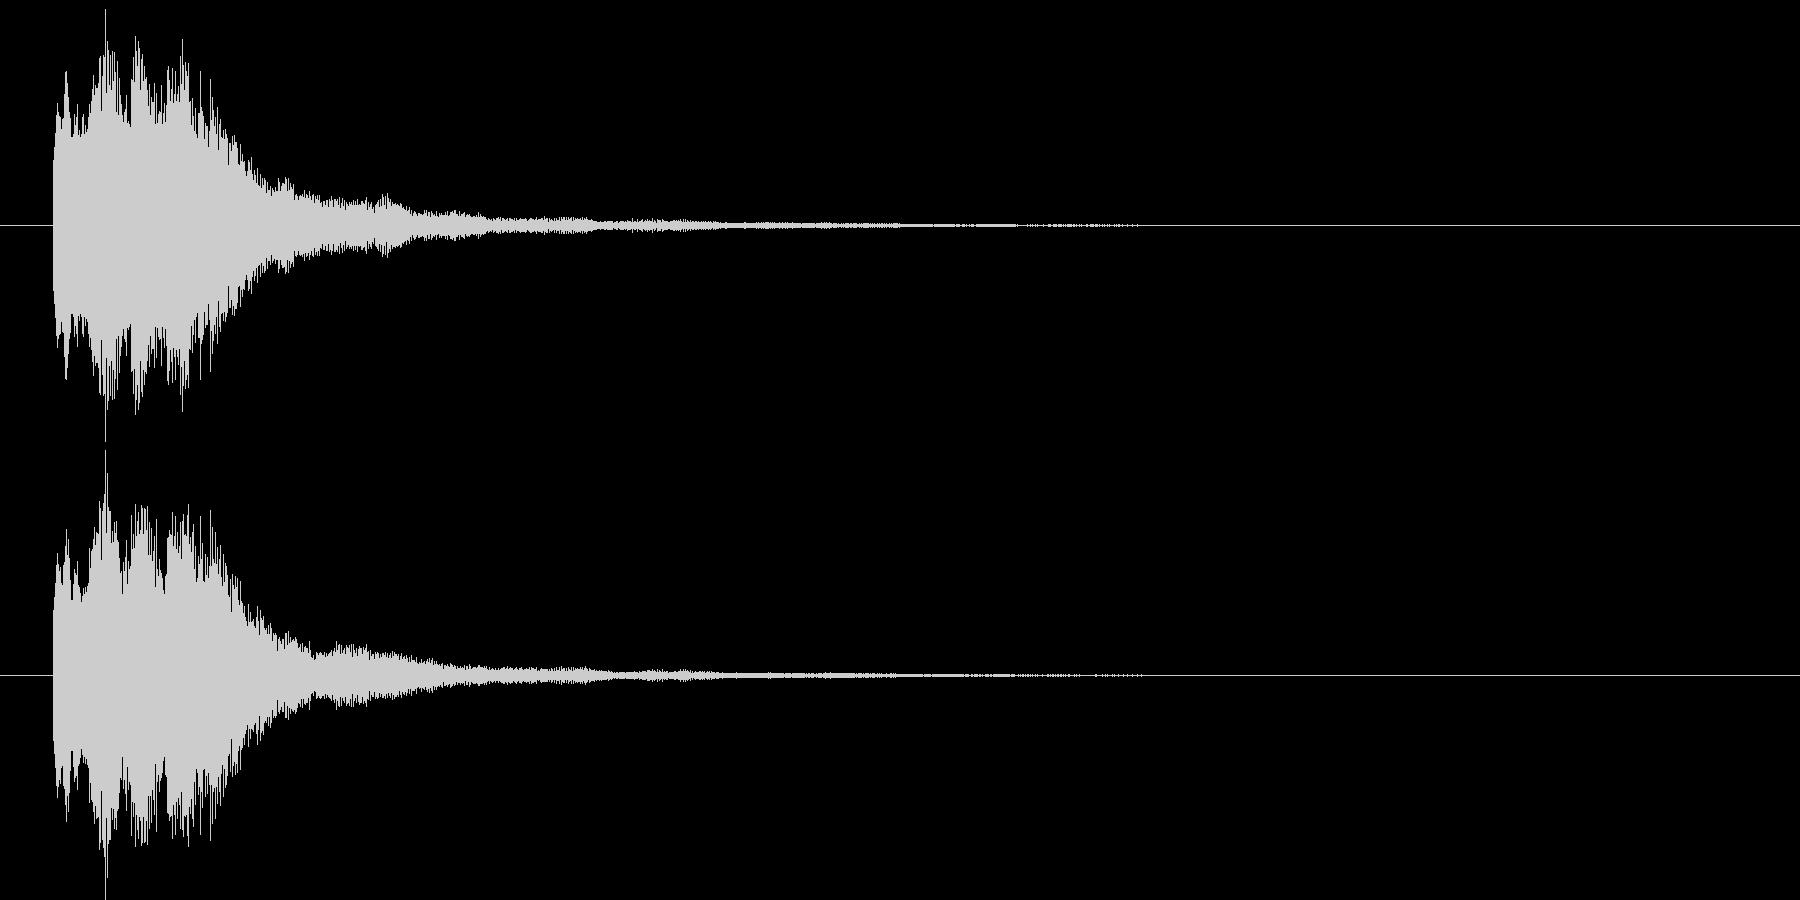 キラリン⑤(レア・お知らせ・ポイント)の未再生の波形